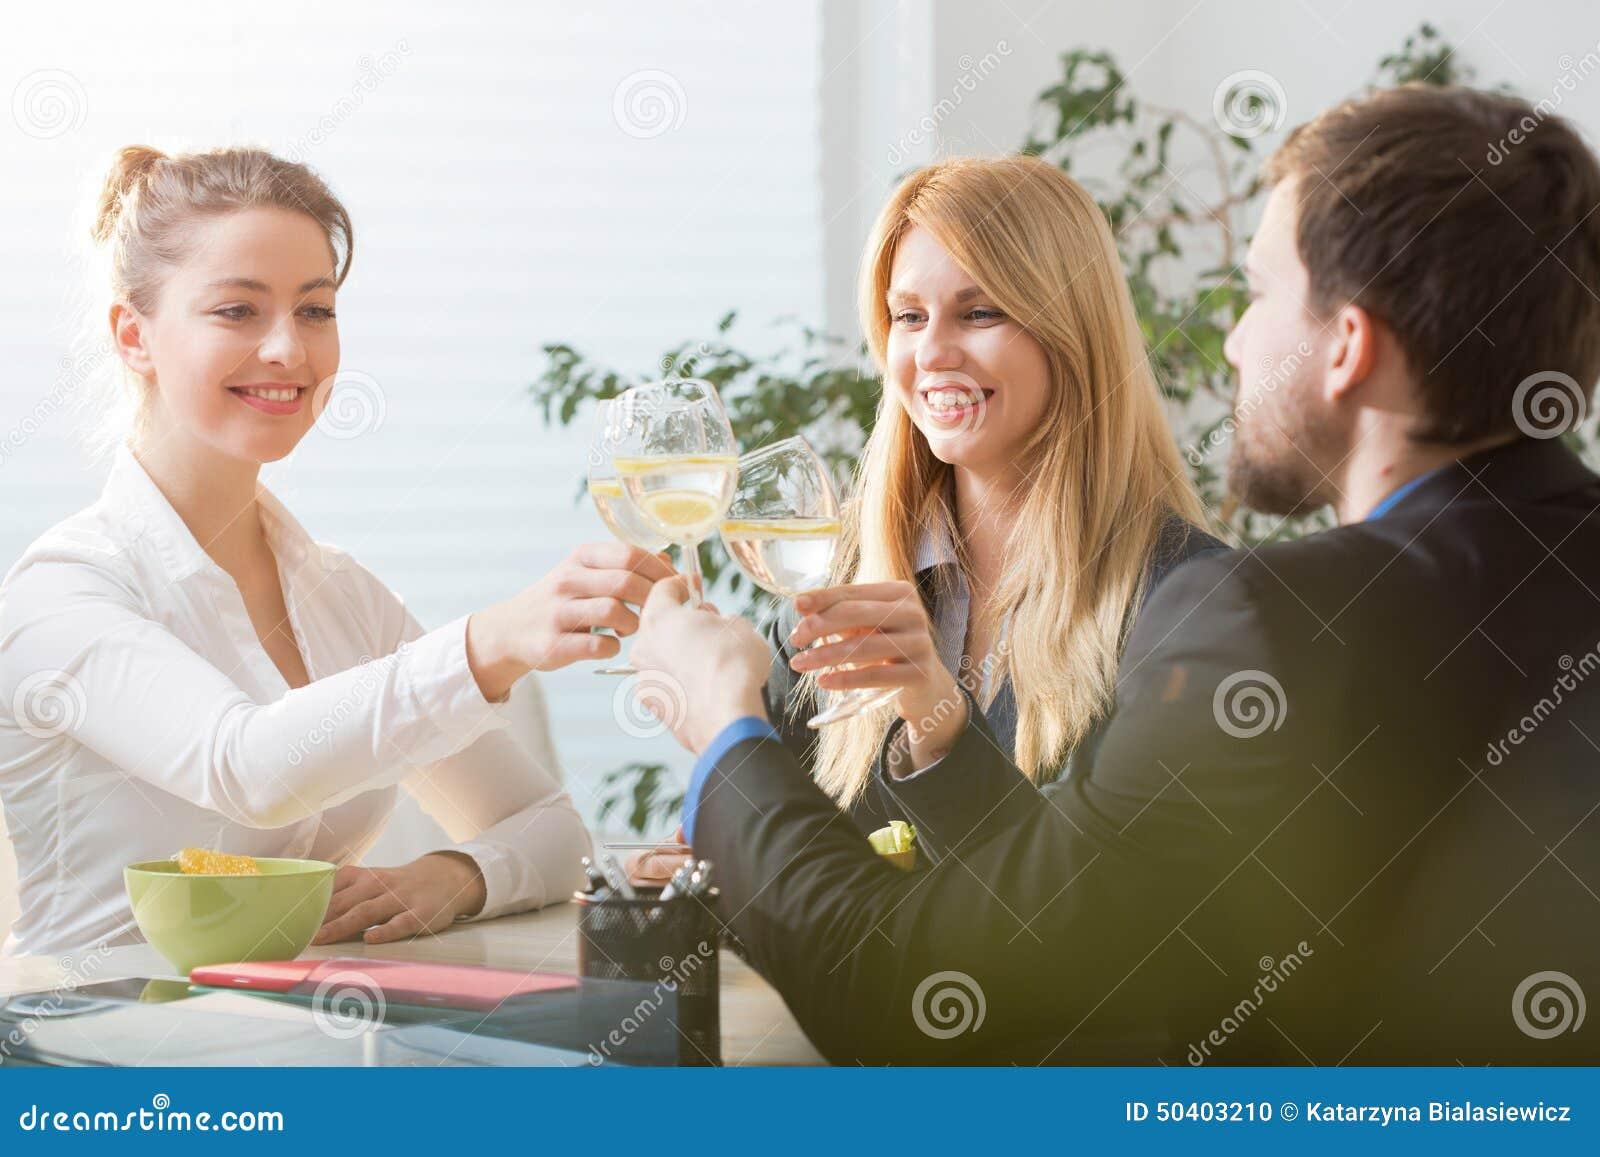 Tostar a empresarios